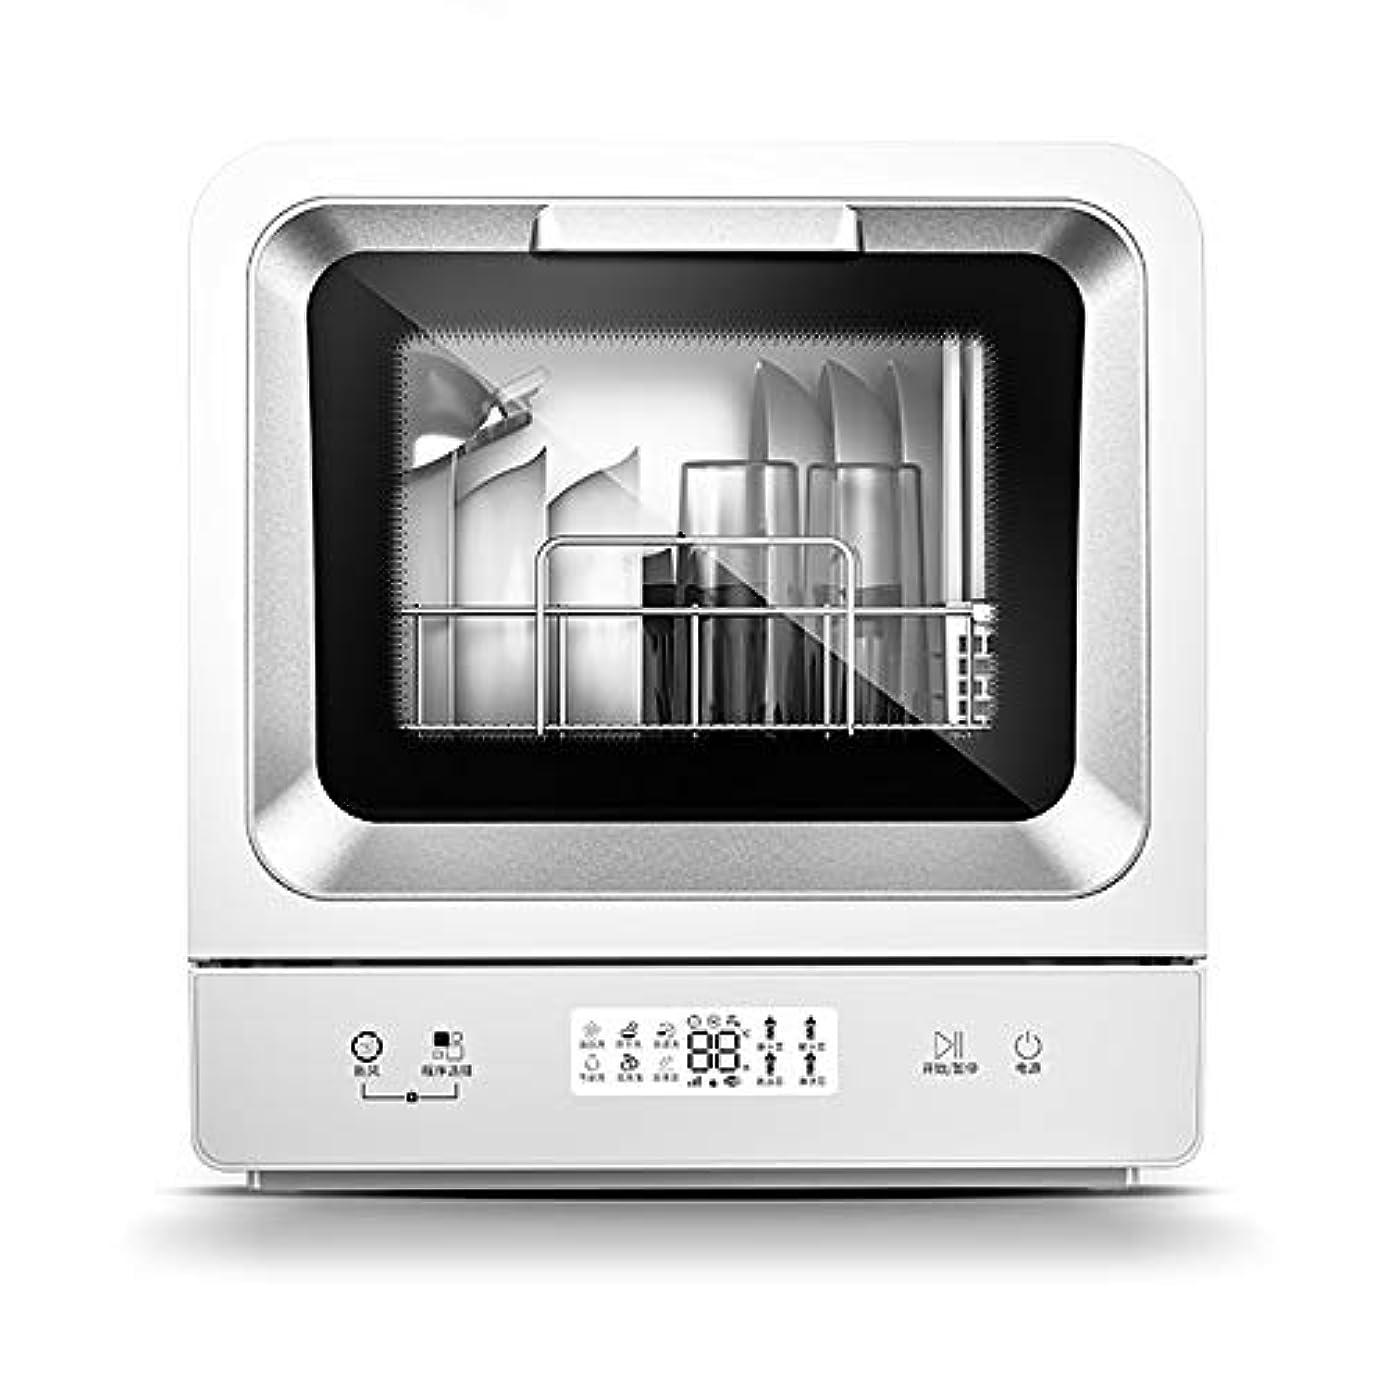 独立入札夕食を食べるコンパクトなデスクトップ食器洗い機、自動家庭用設置不要72度高温消毒食器洗い機WIFIインテリジェントフルコントロール